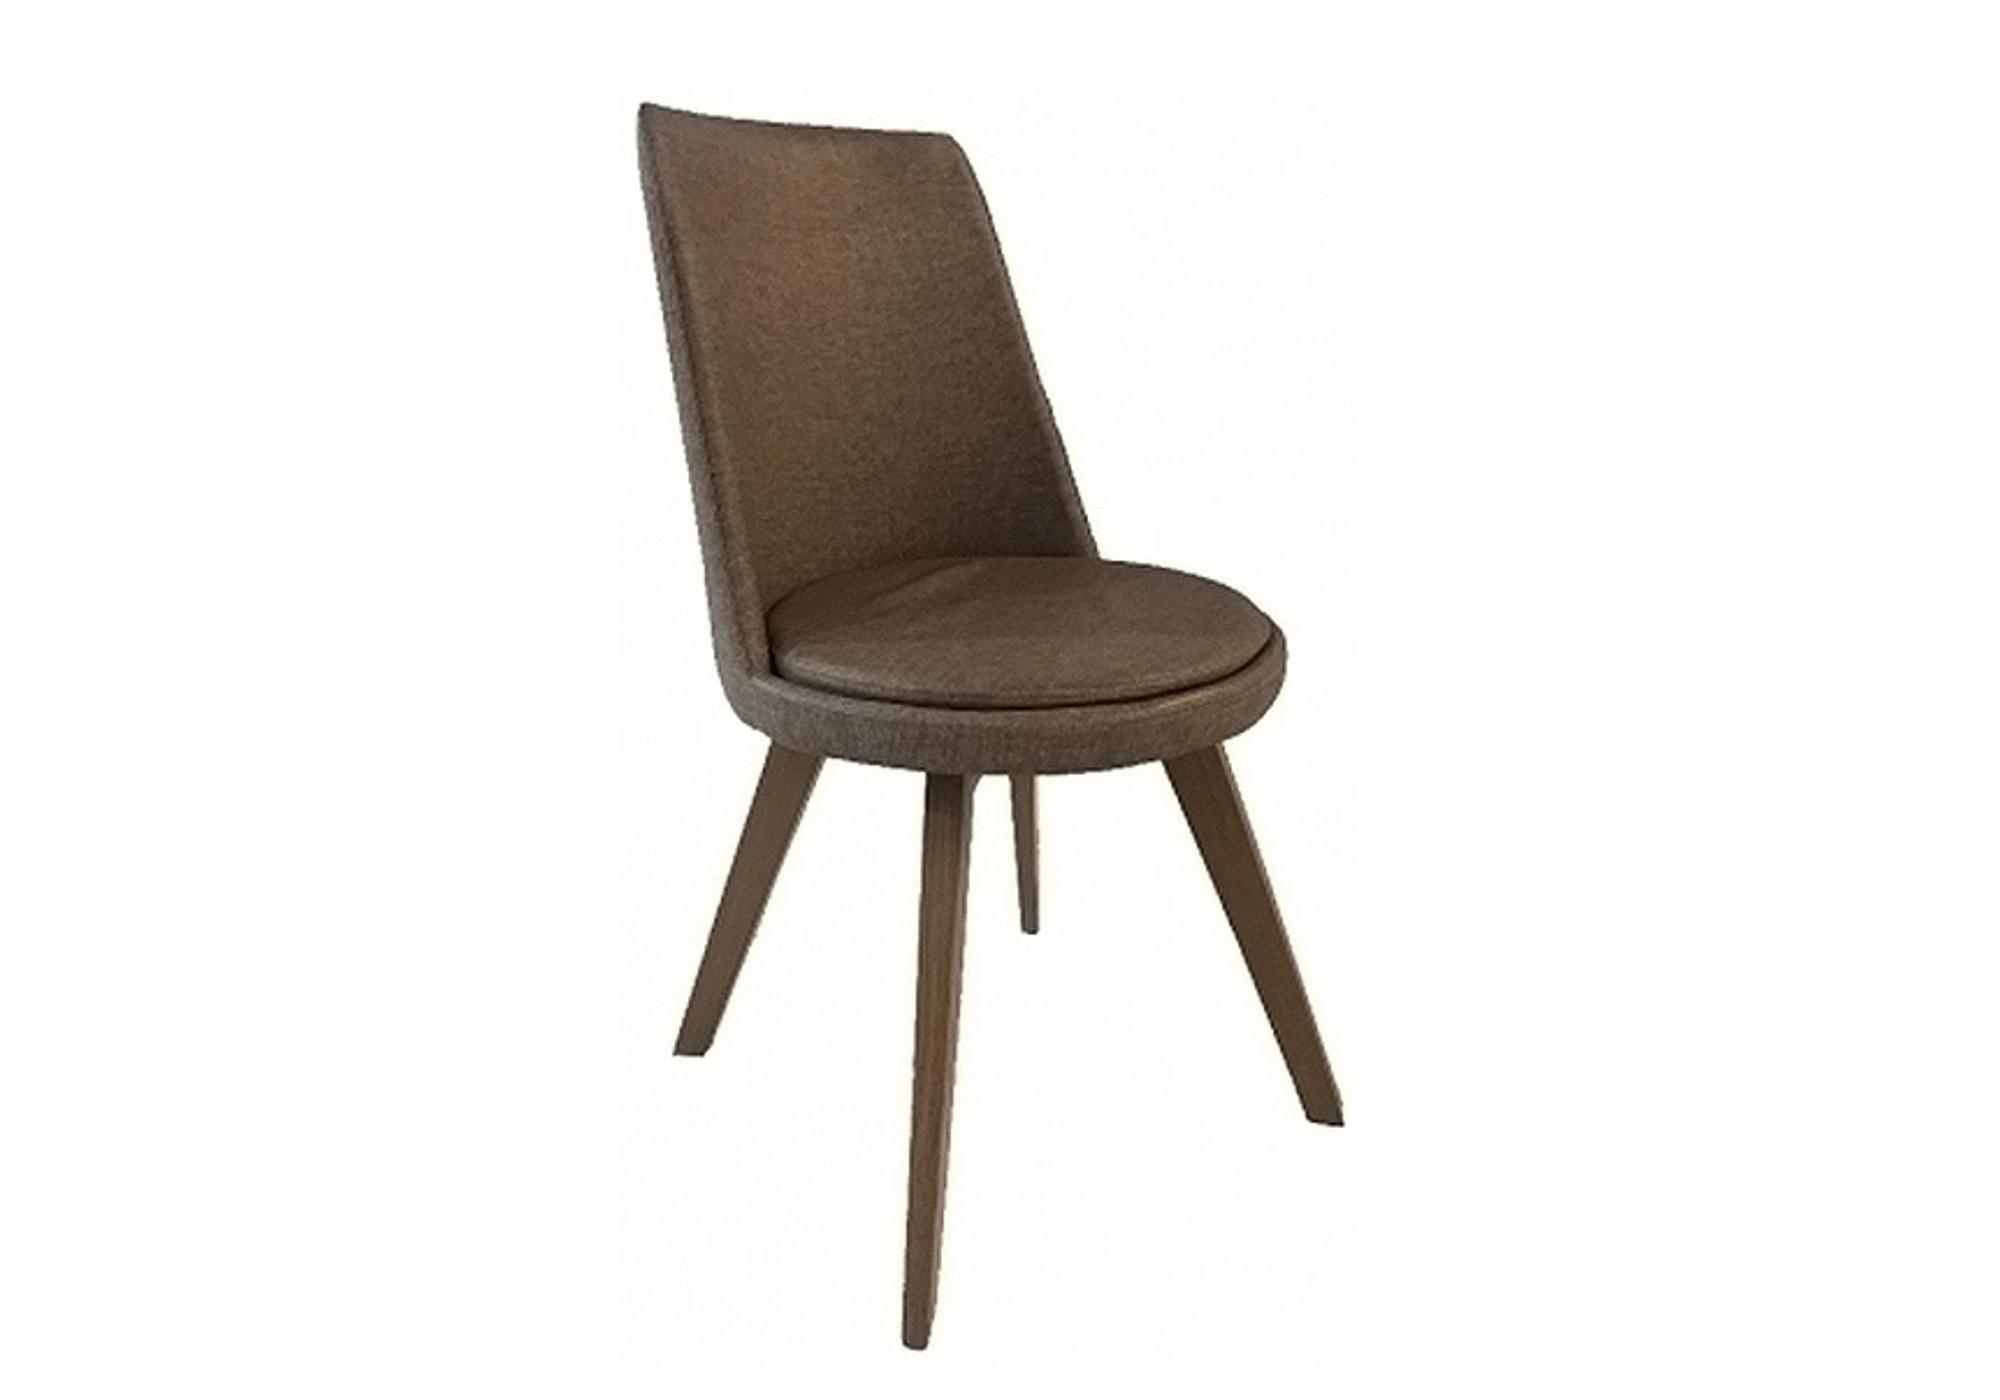 Chaise pivotante simili marron KARL